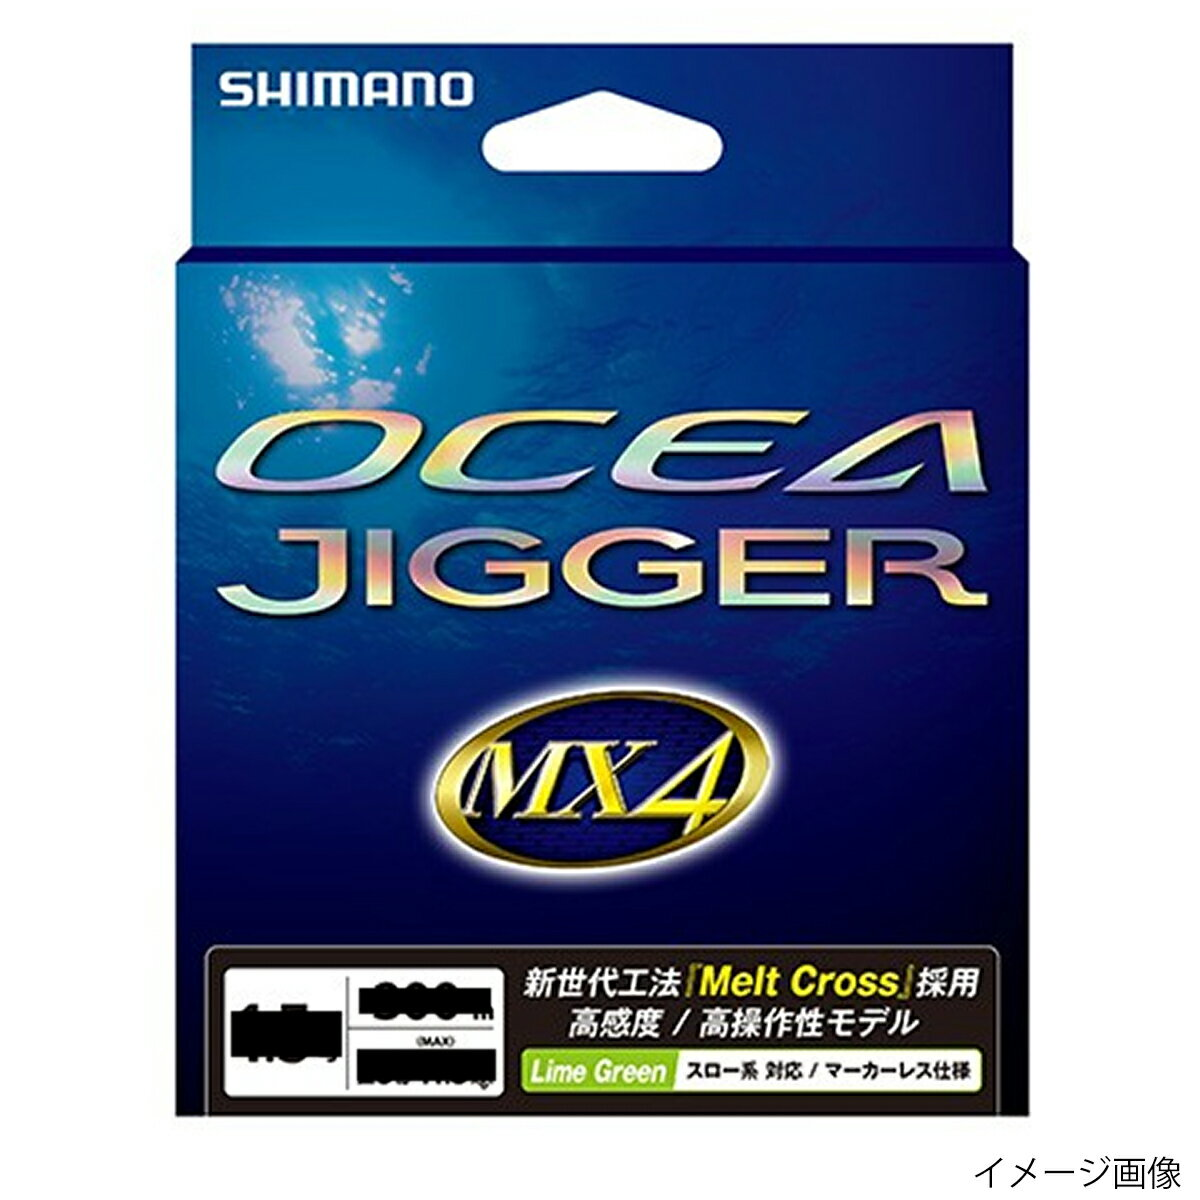 【5月25日は楽天カードがお得!エントリーで最大35倍!】シマノ オシアジガー MX4 PE PL-O74P 300m 0.8号 ライムグリーン【ゆうパケット】